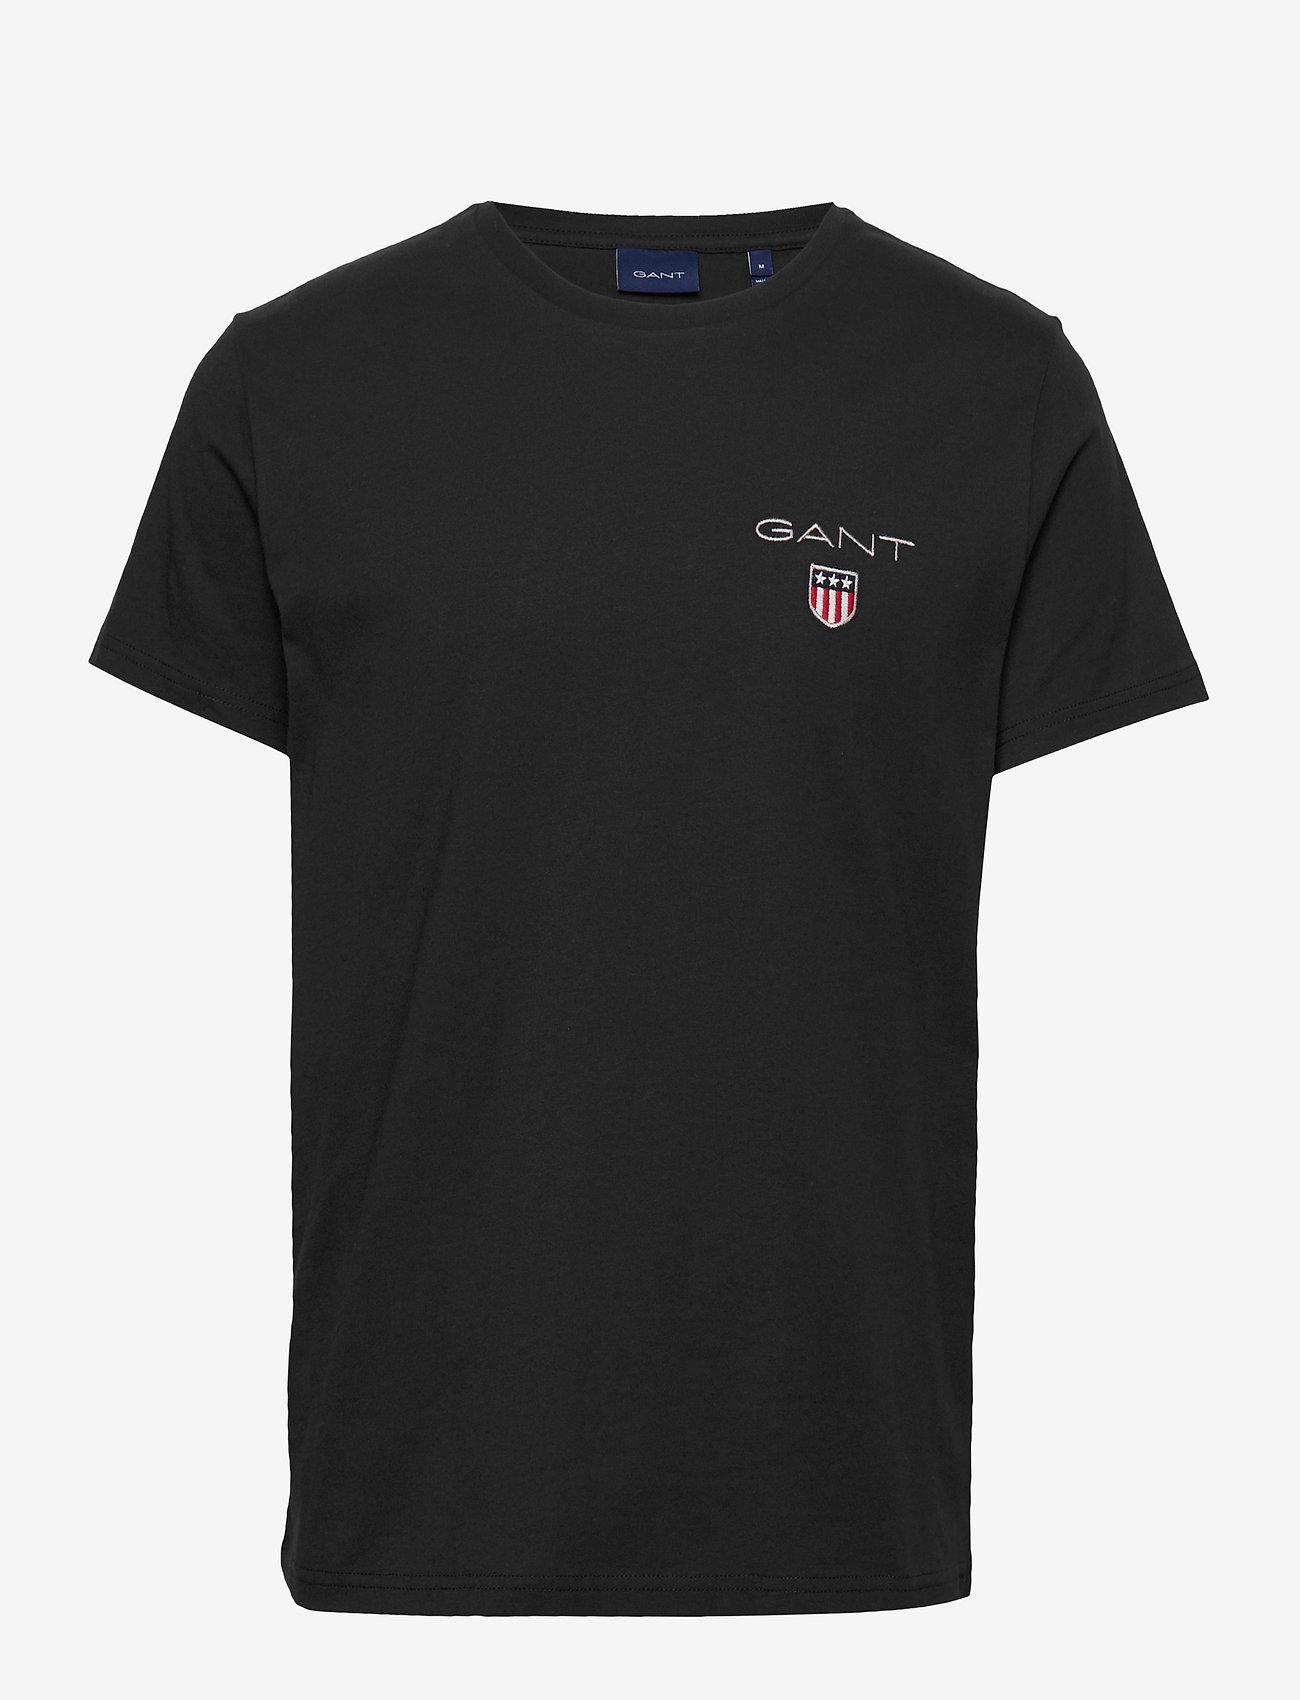 GANT - D1. MEDIUM SHIELD SS T-SHIRT - basic t-shirts - black - 0